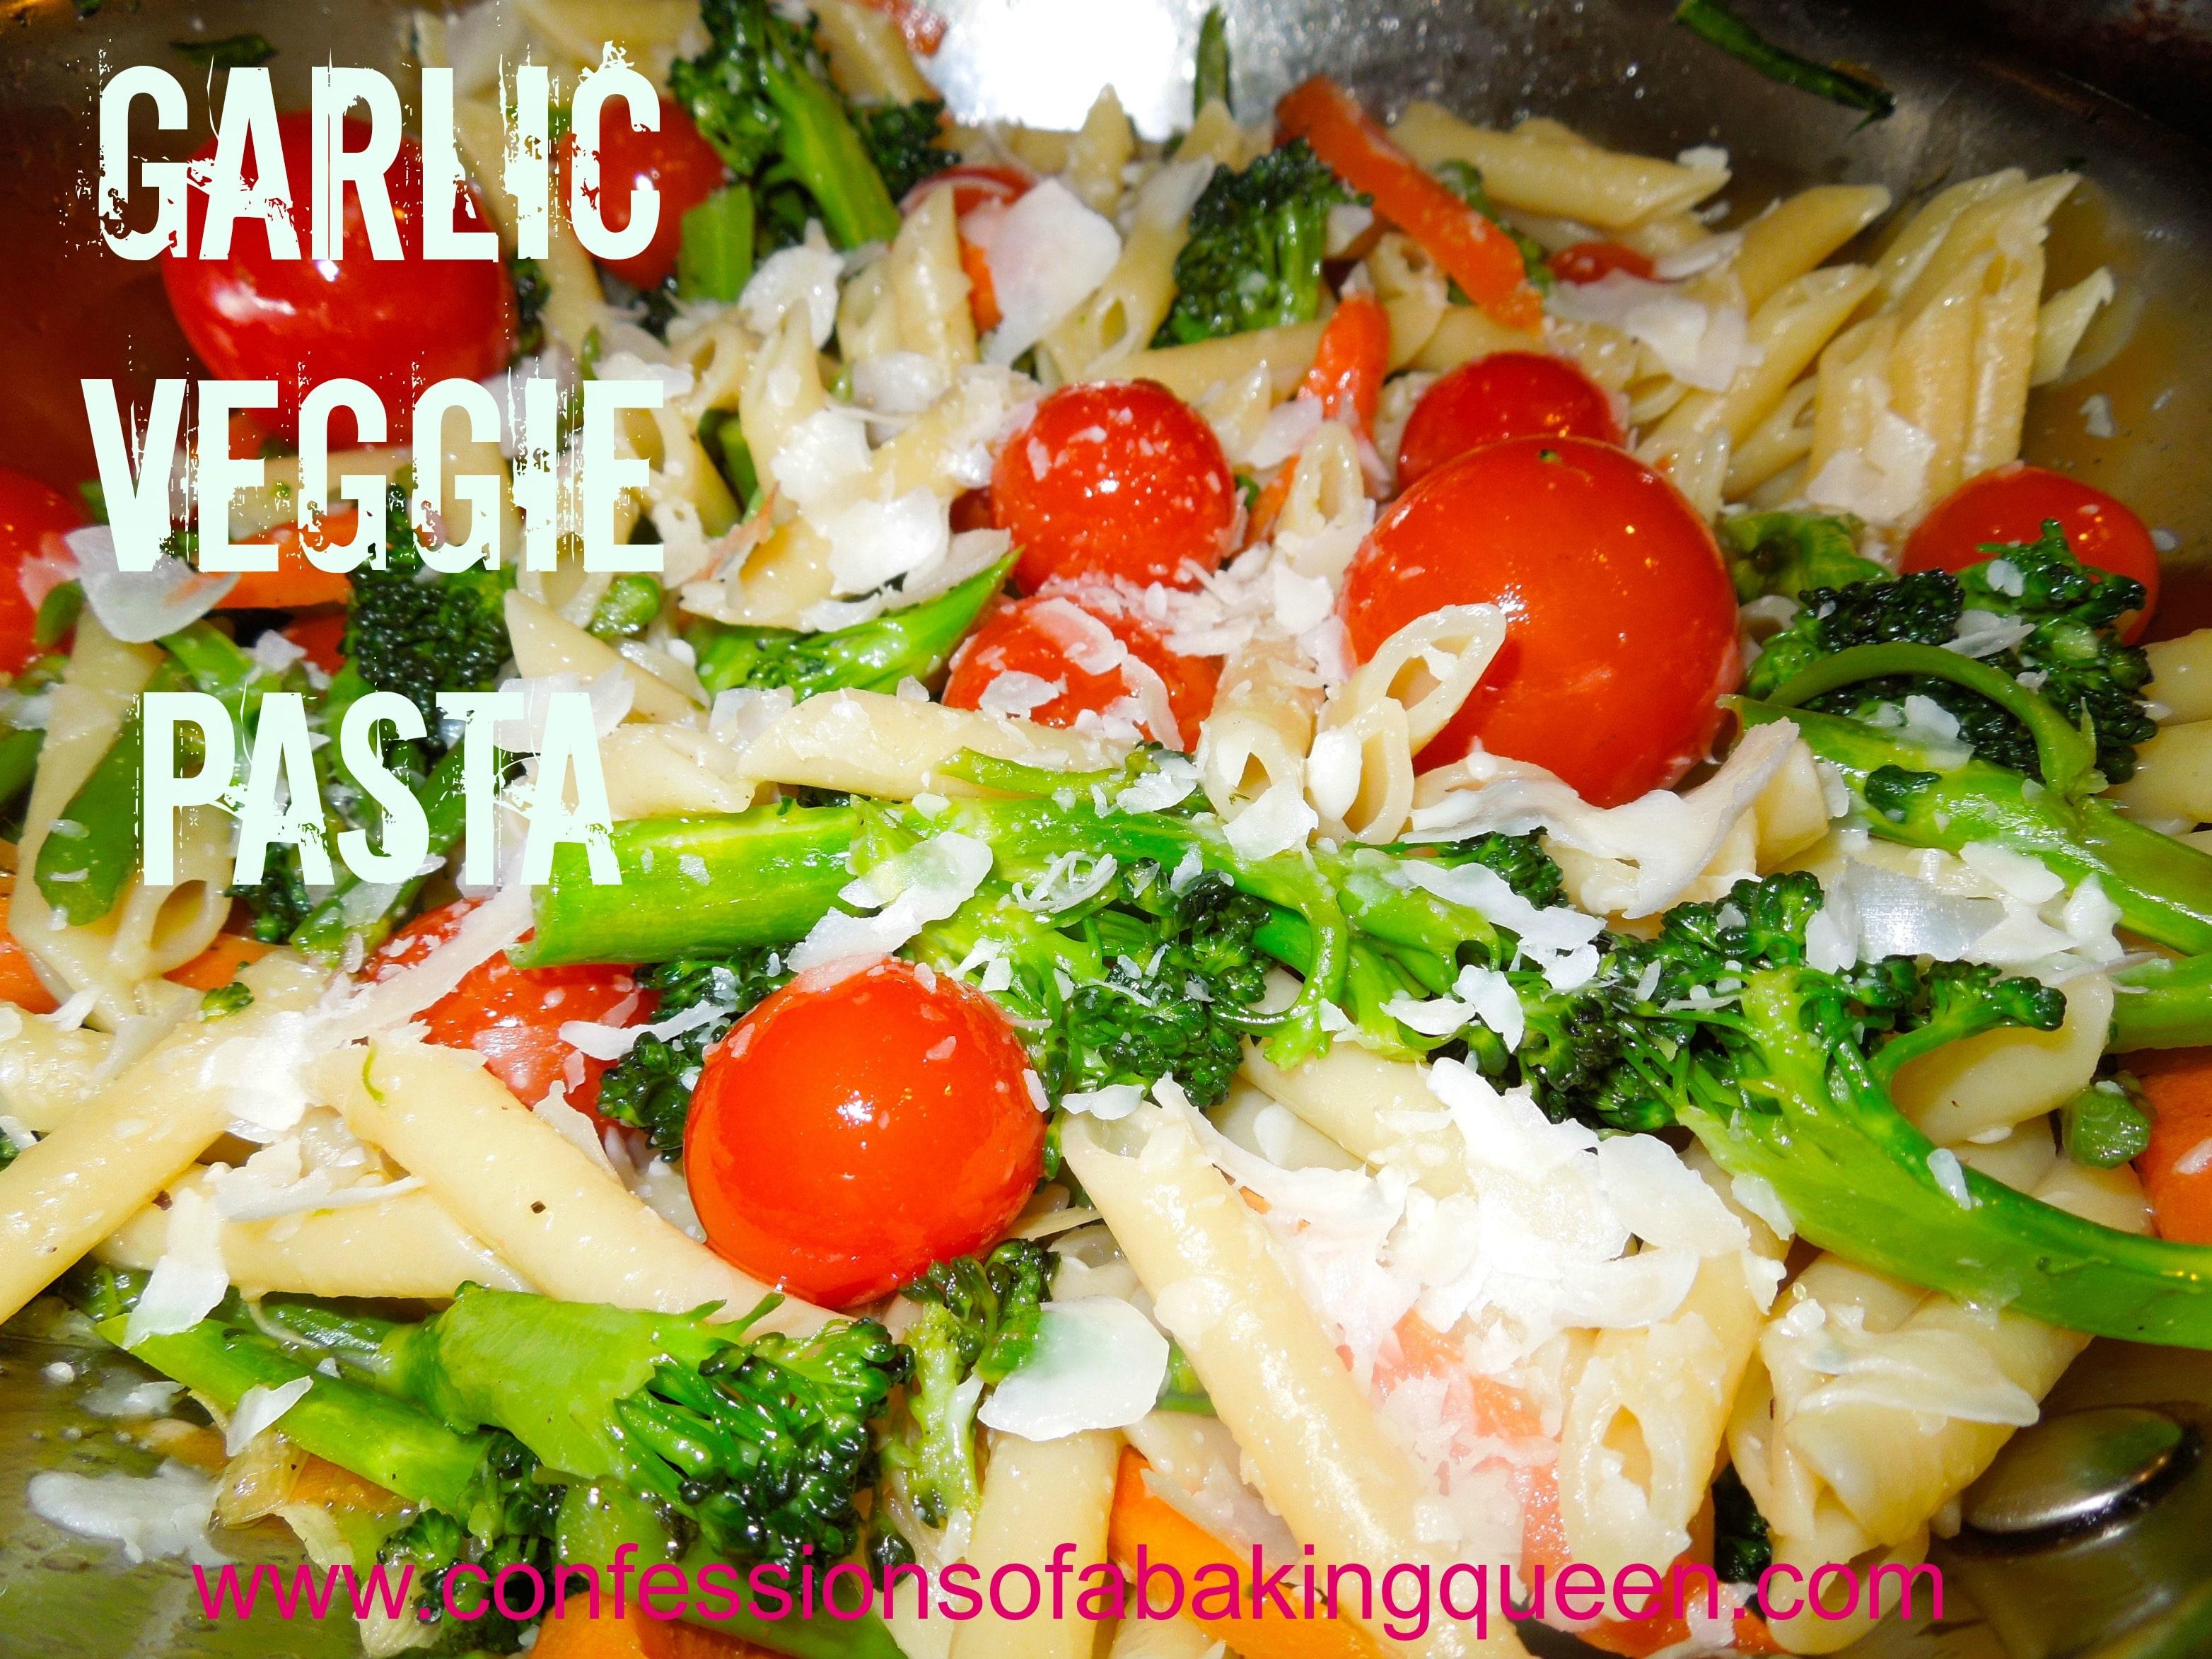 Garlic Veggie Pasta close up in a metal pan